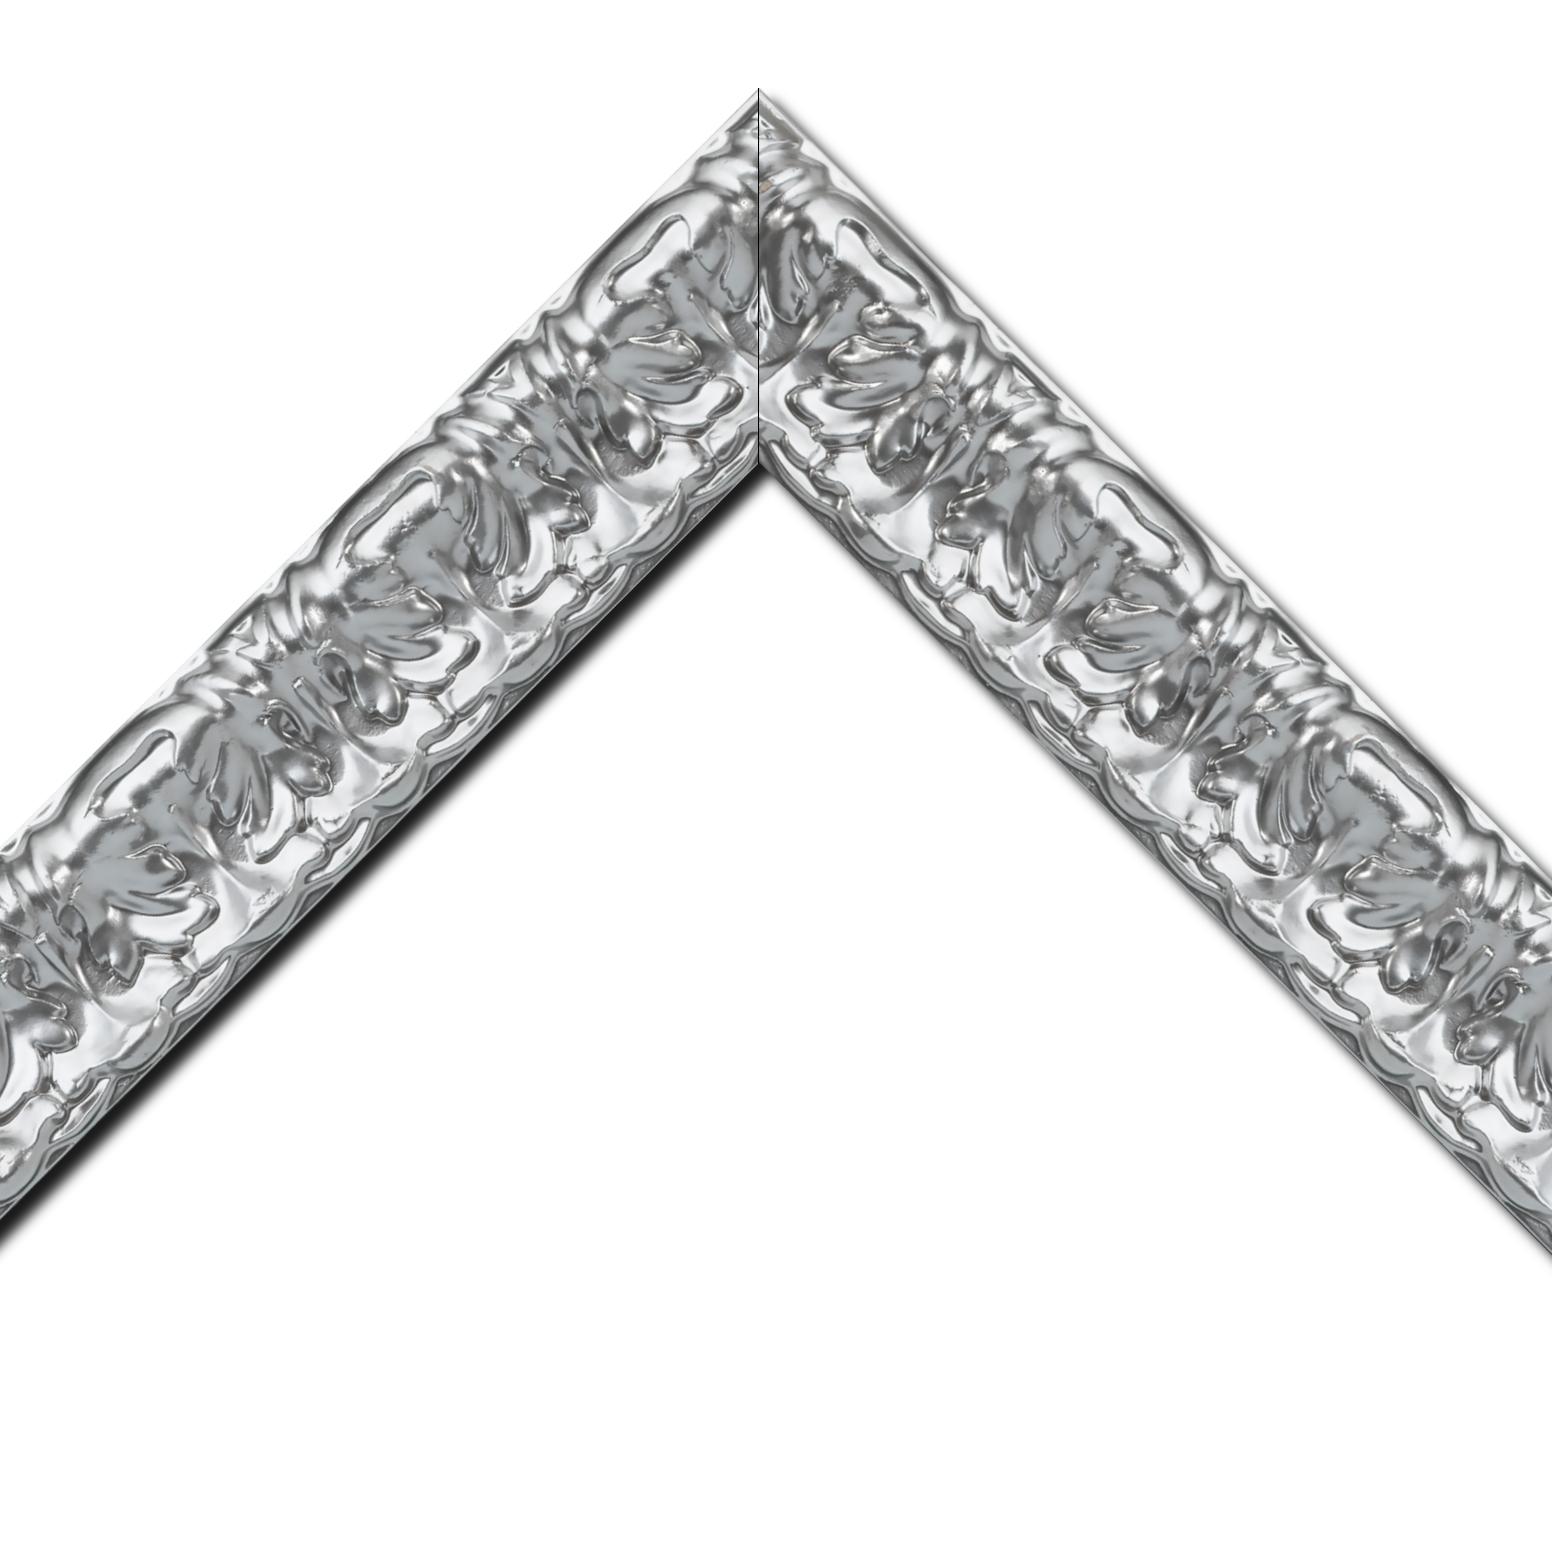 Baguette bois profil incurvé largeur 5.3cm couleur argent ckromé style baroque